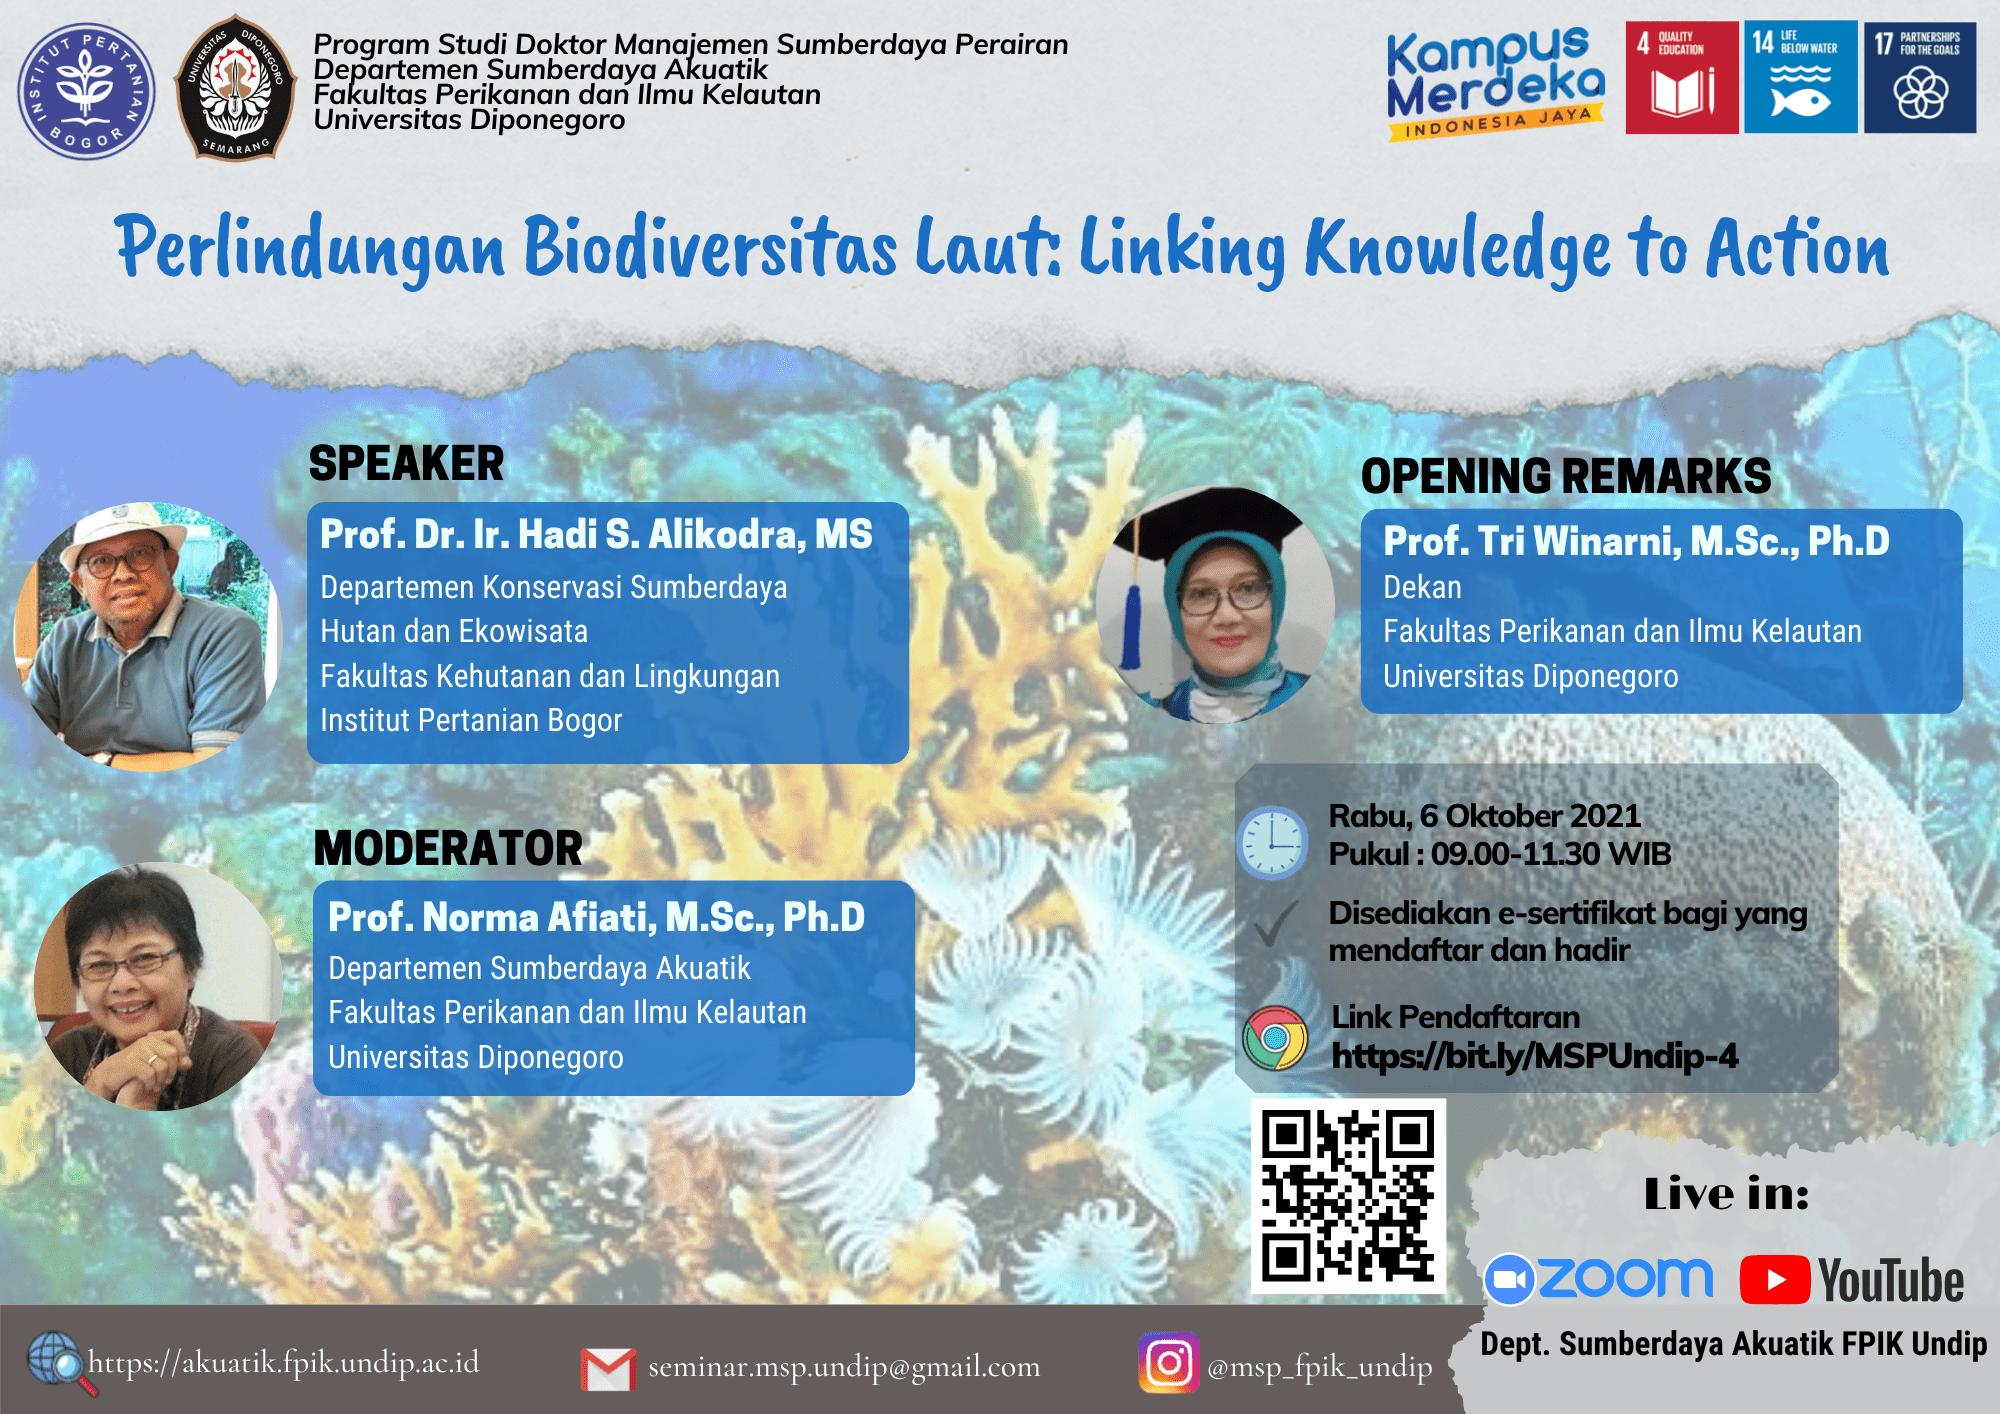 Perlindungan Biodiversitas Laut : Linking Knowledge to Action